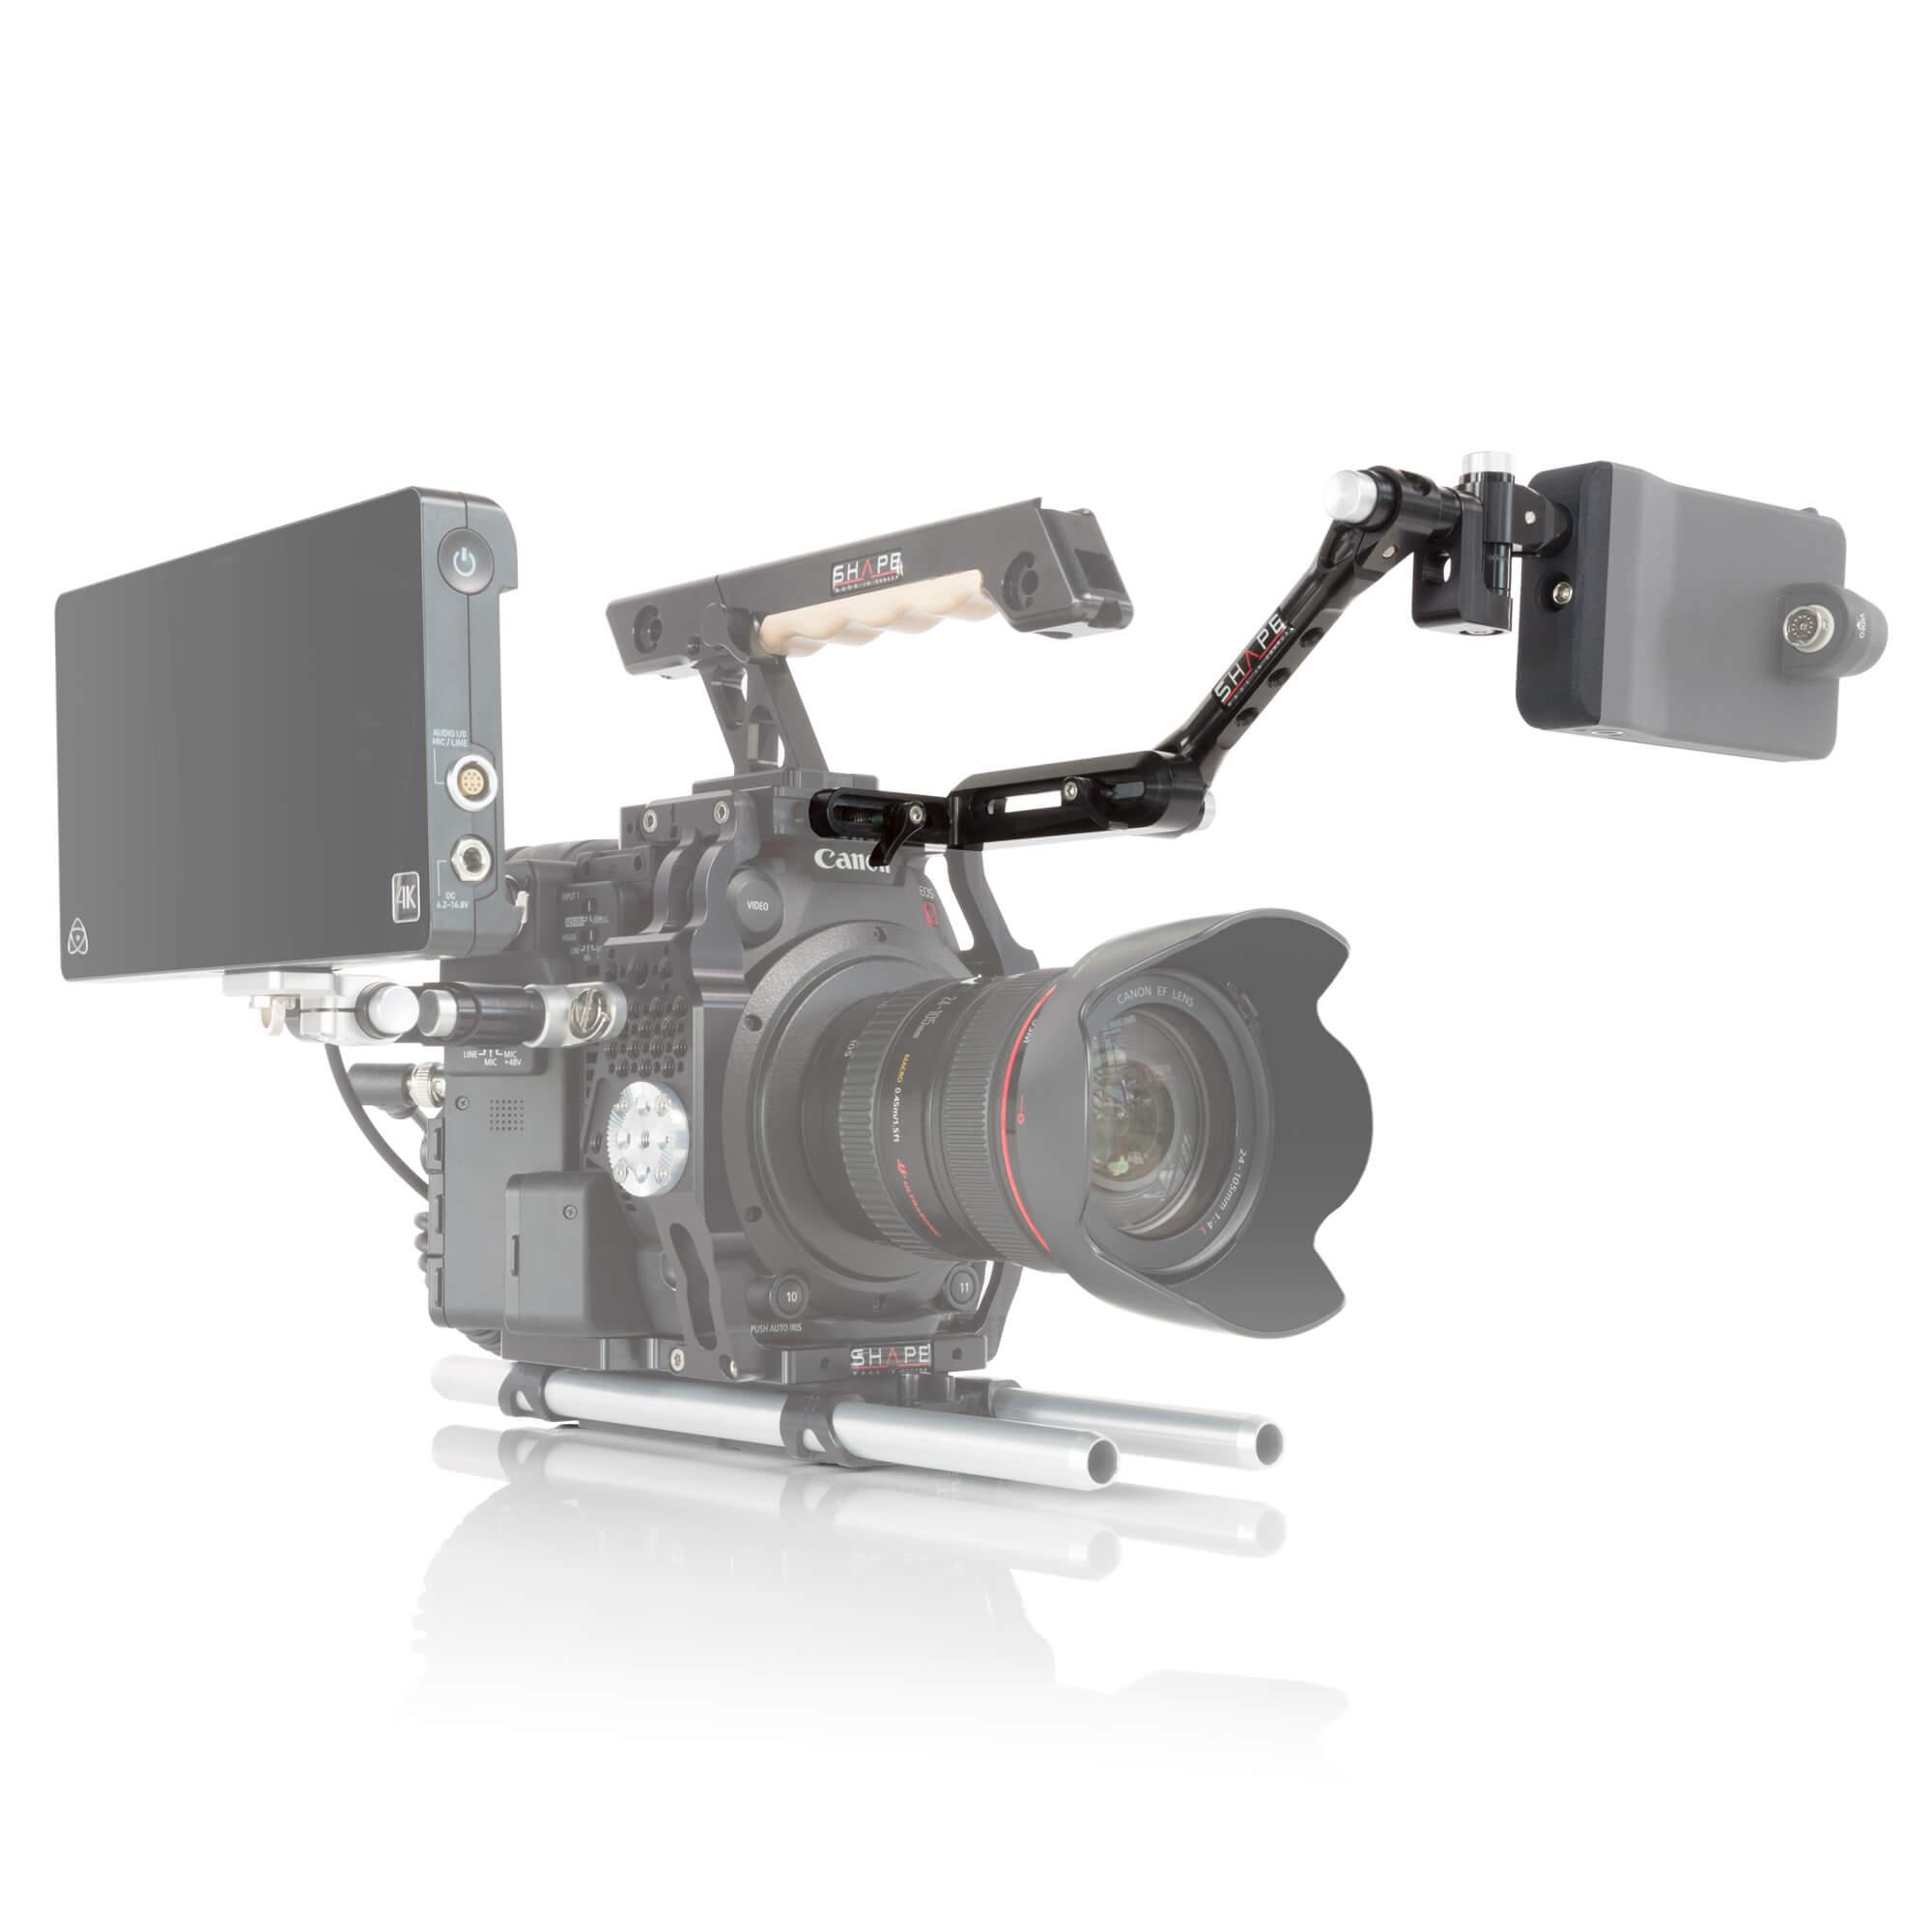 Canon C200 Push-Button view finder mount - SHAPE